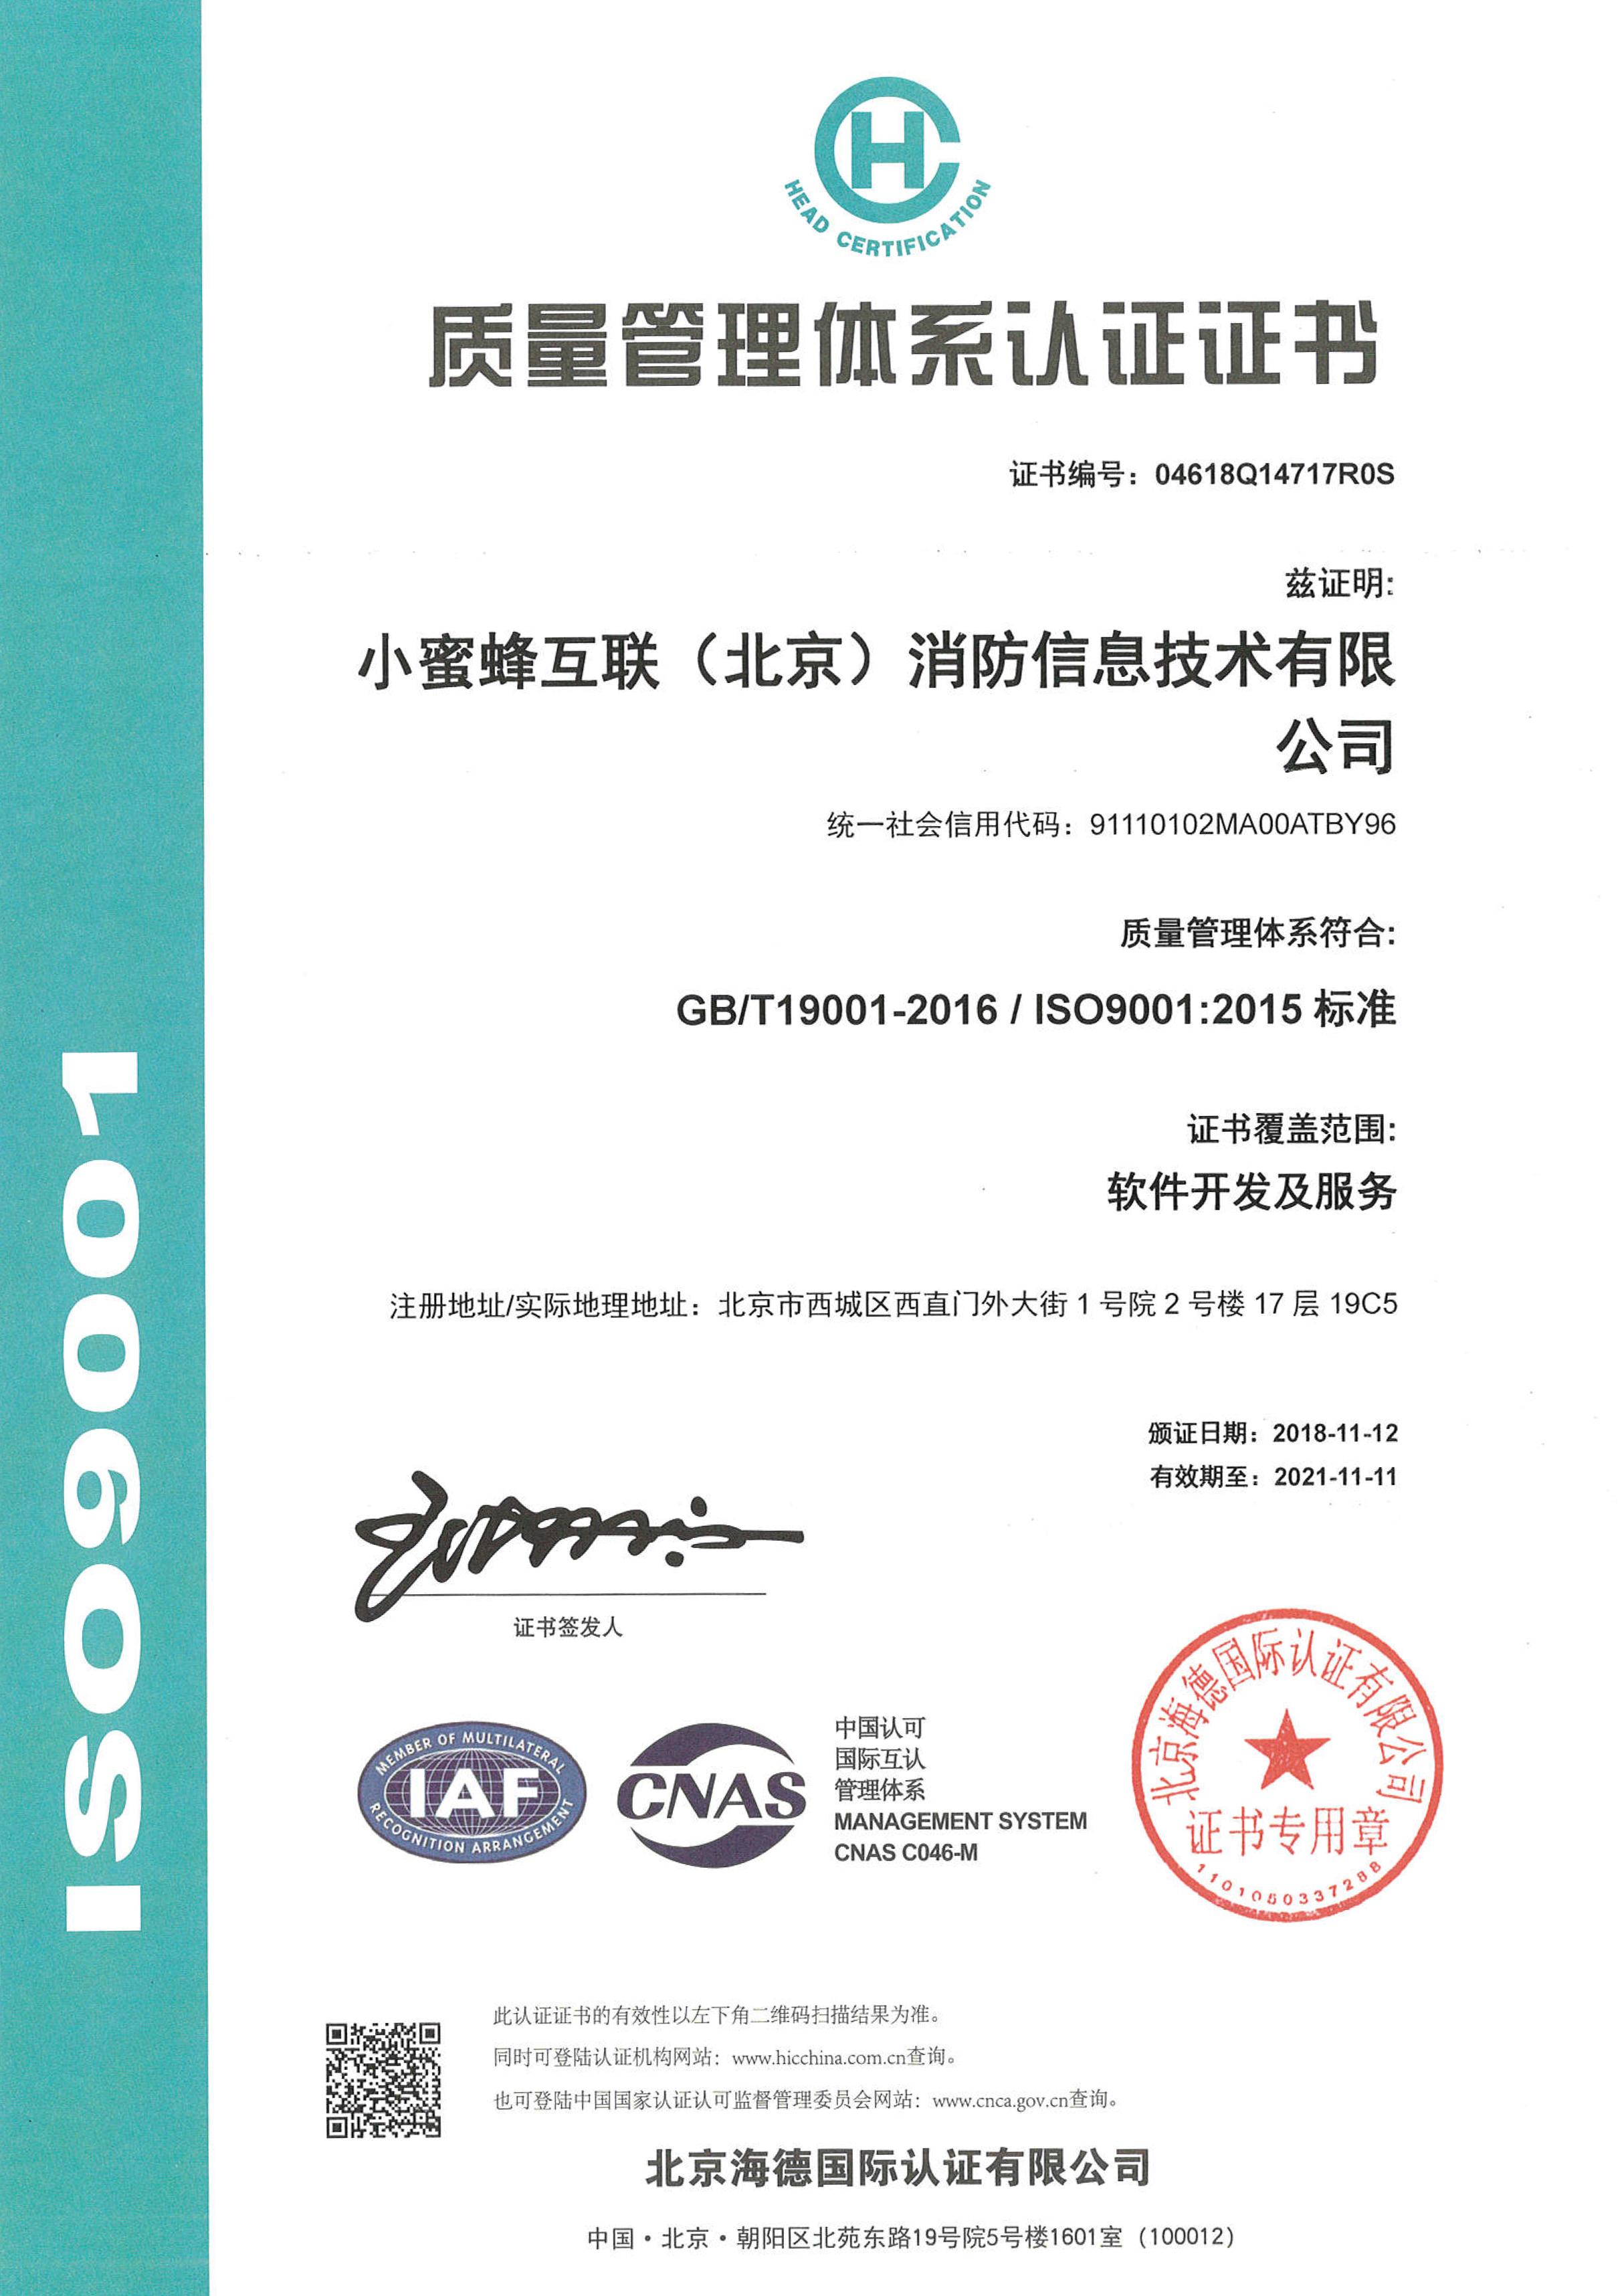 """小蜜蜂消防通过""""ISO9001 质量管理体系认证"""""""